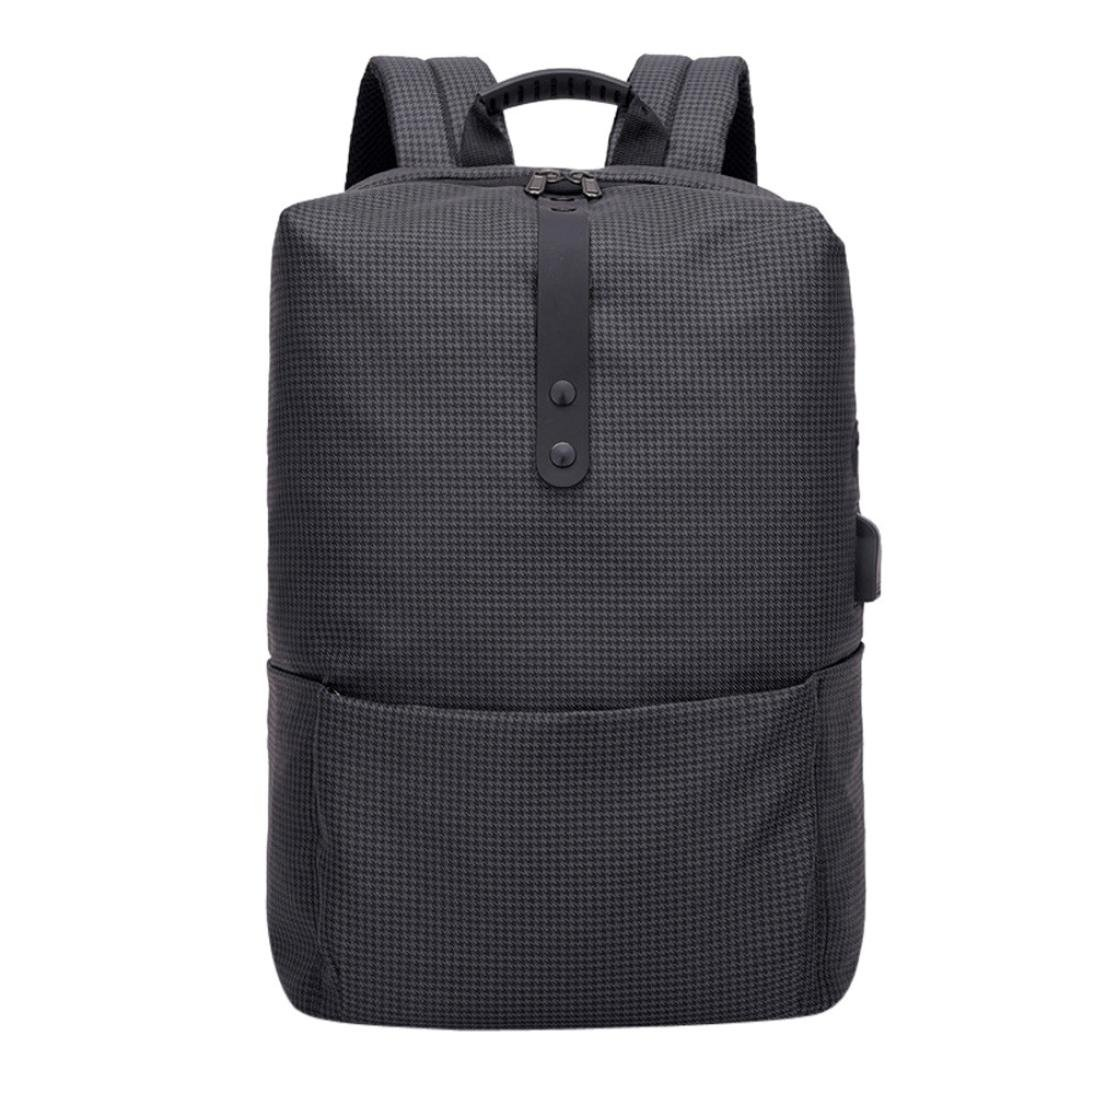 Zaino Casual Moda da Donna,Sonnena Zaino Schoolbag di Ricarica USB ad Alta Capacità Multifunzionale di Moda Zaino Anti-furto di Moda Borsa per Laptop ad Alta CapacitàNero A